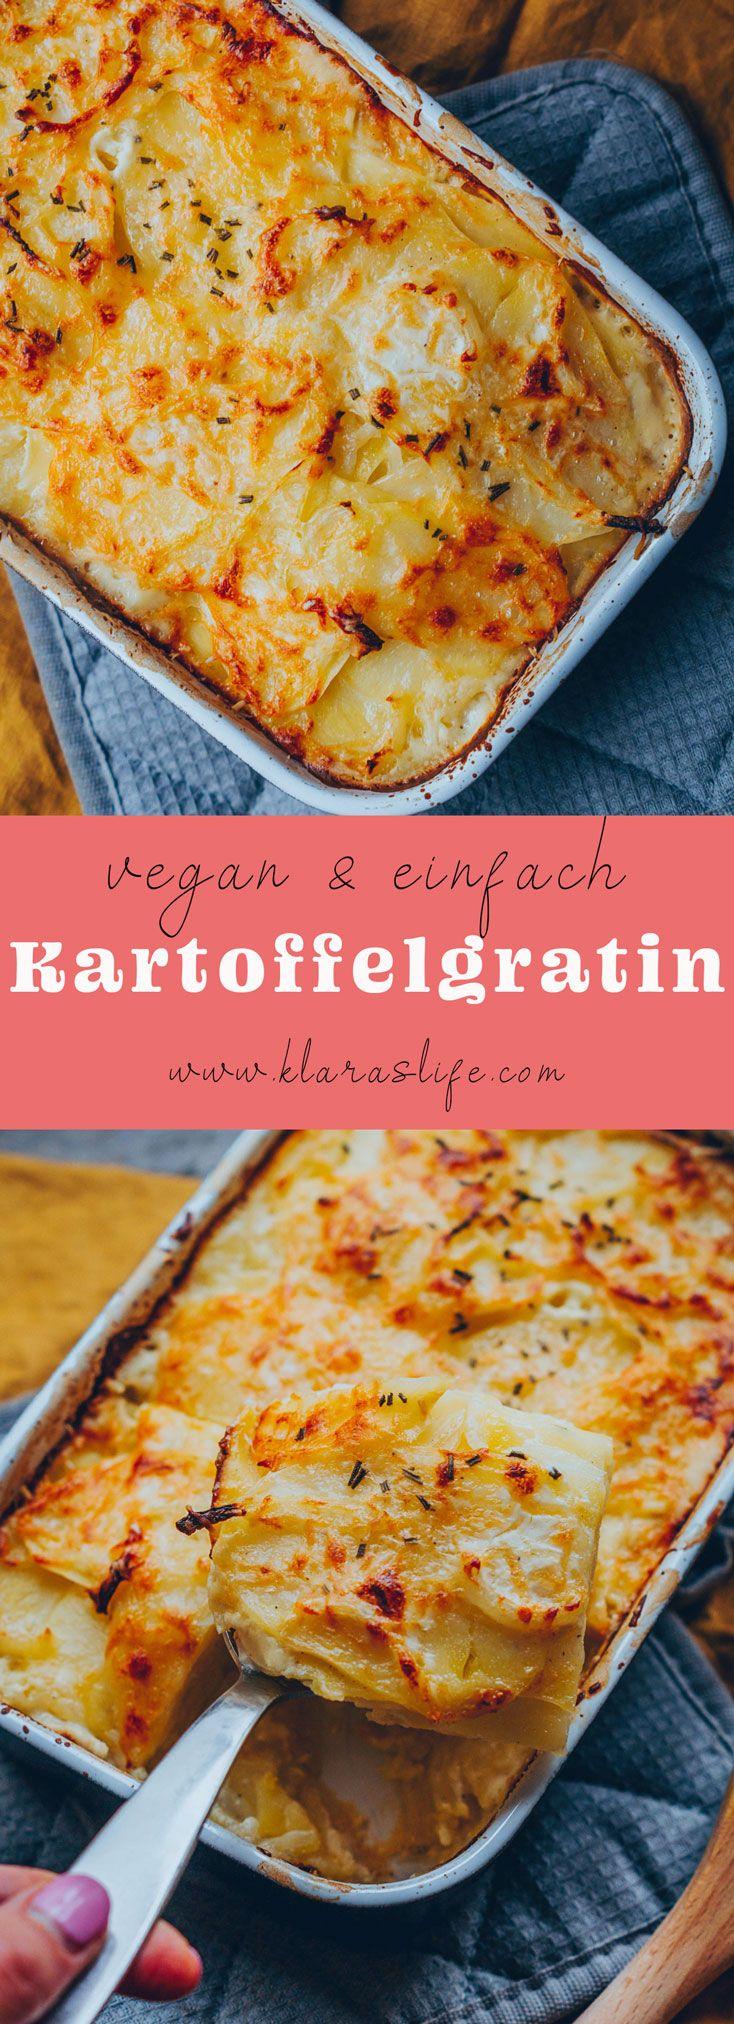 Kartoffelgratin | vegan, einfach und lecker - Klara`s Life